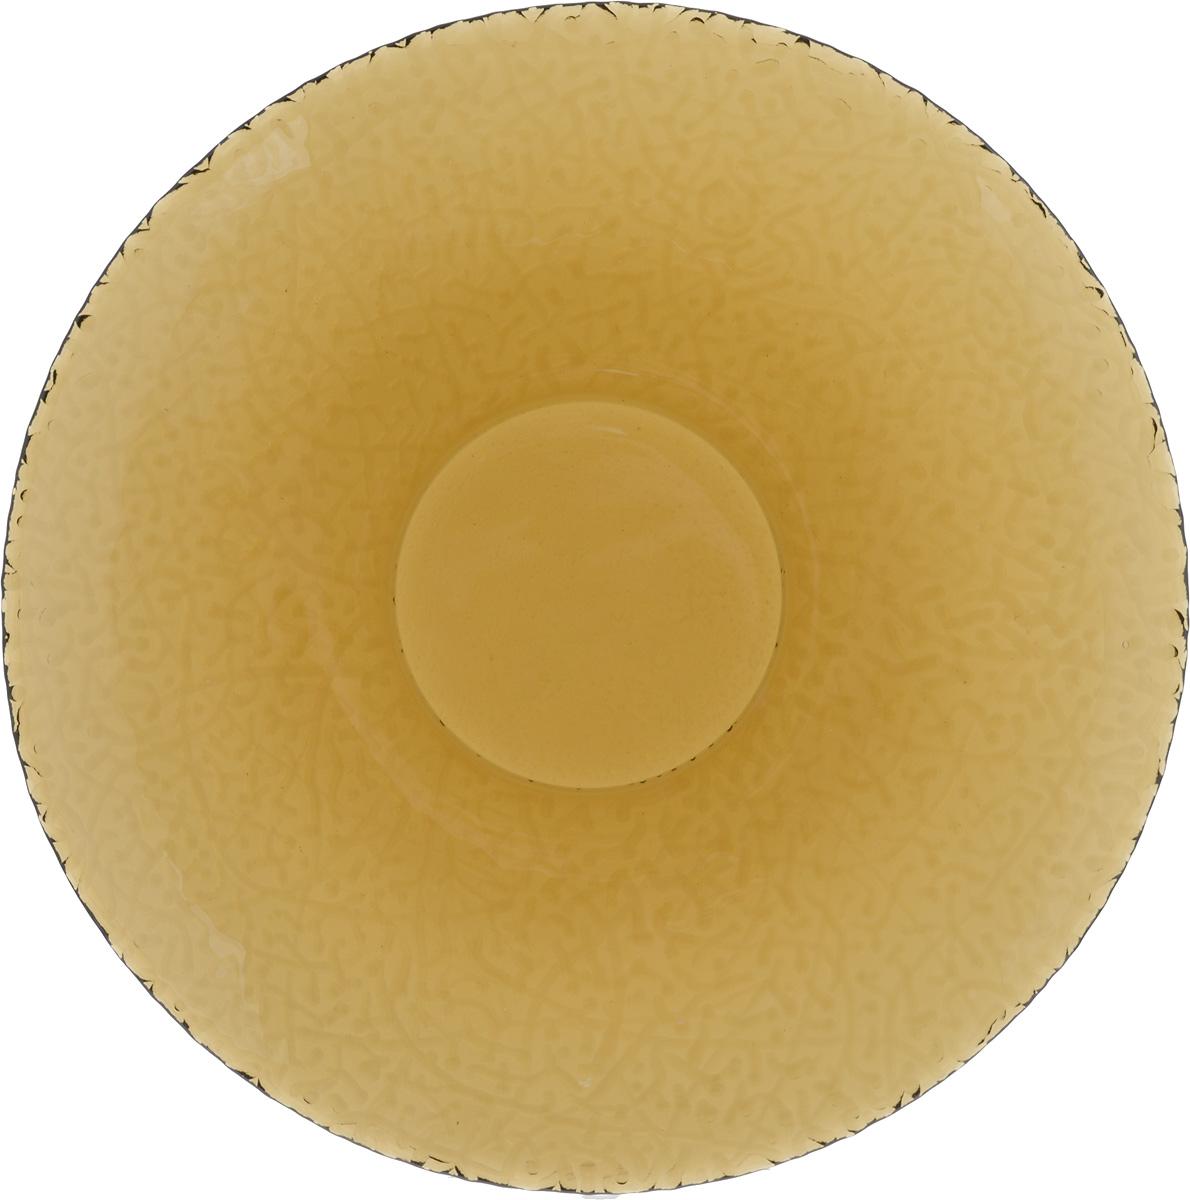 Тарелка NiNaGlass Ажур, цвет: дымчатый, диаметр 26 см83-071-Ф260 дымТарелка NiNaGlass Ажур выполнена из высококачественного стекла и имеет рельефную внешнюю поверхность. Она прекрасно впишется в интерьер вашей кухни и станет достойным дополнением к кухонному инвентарю. Тарелка NiNaGlass Ажур подчеркнет прекрасный вкус хозяйки и станет отличным подарком.Диаметр тарелки: 26 см.Высота: 3 см.